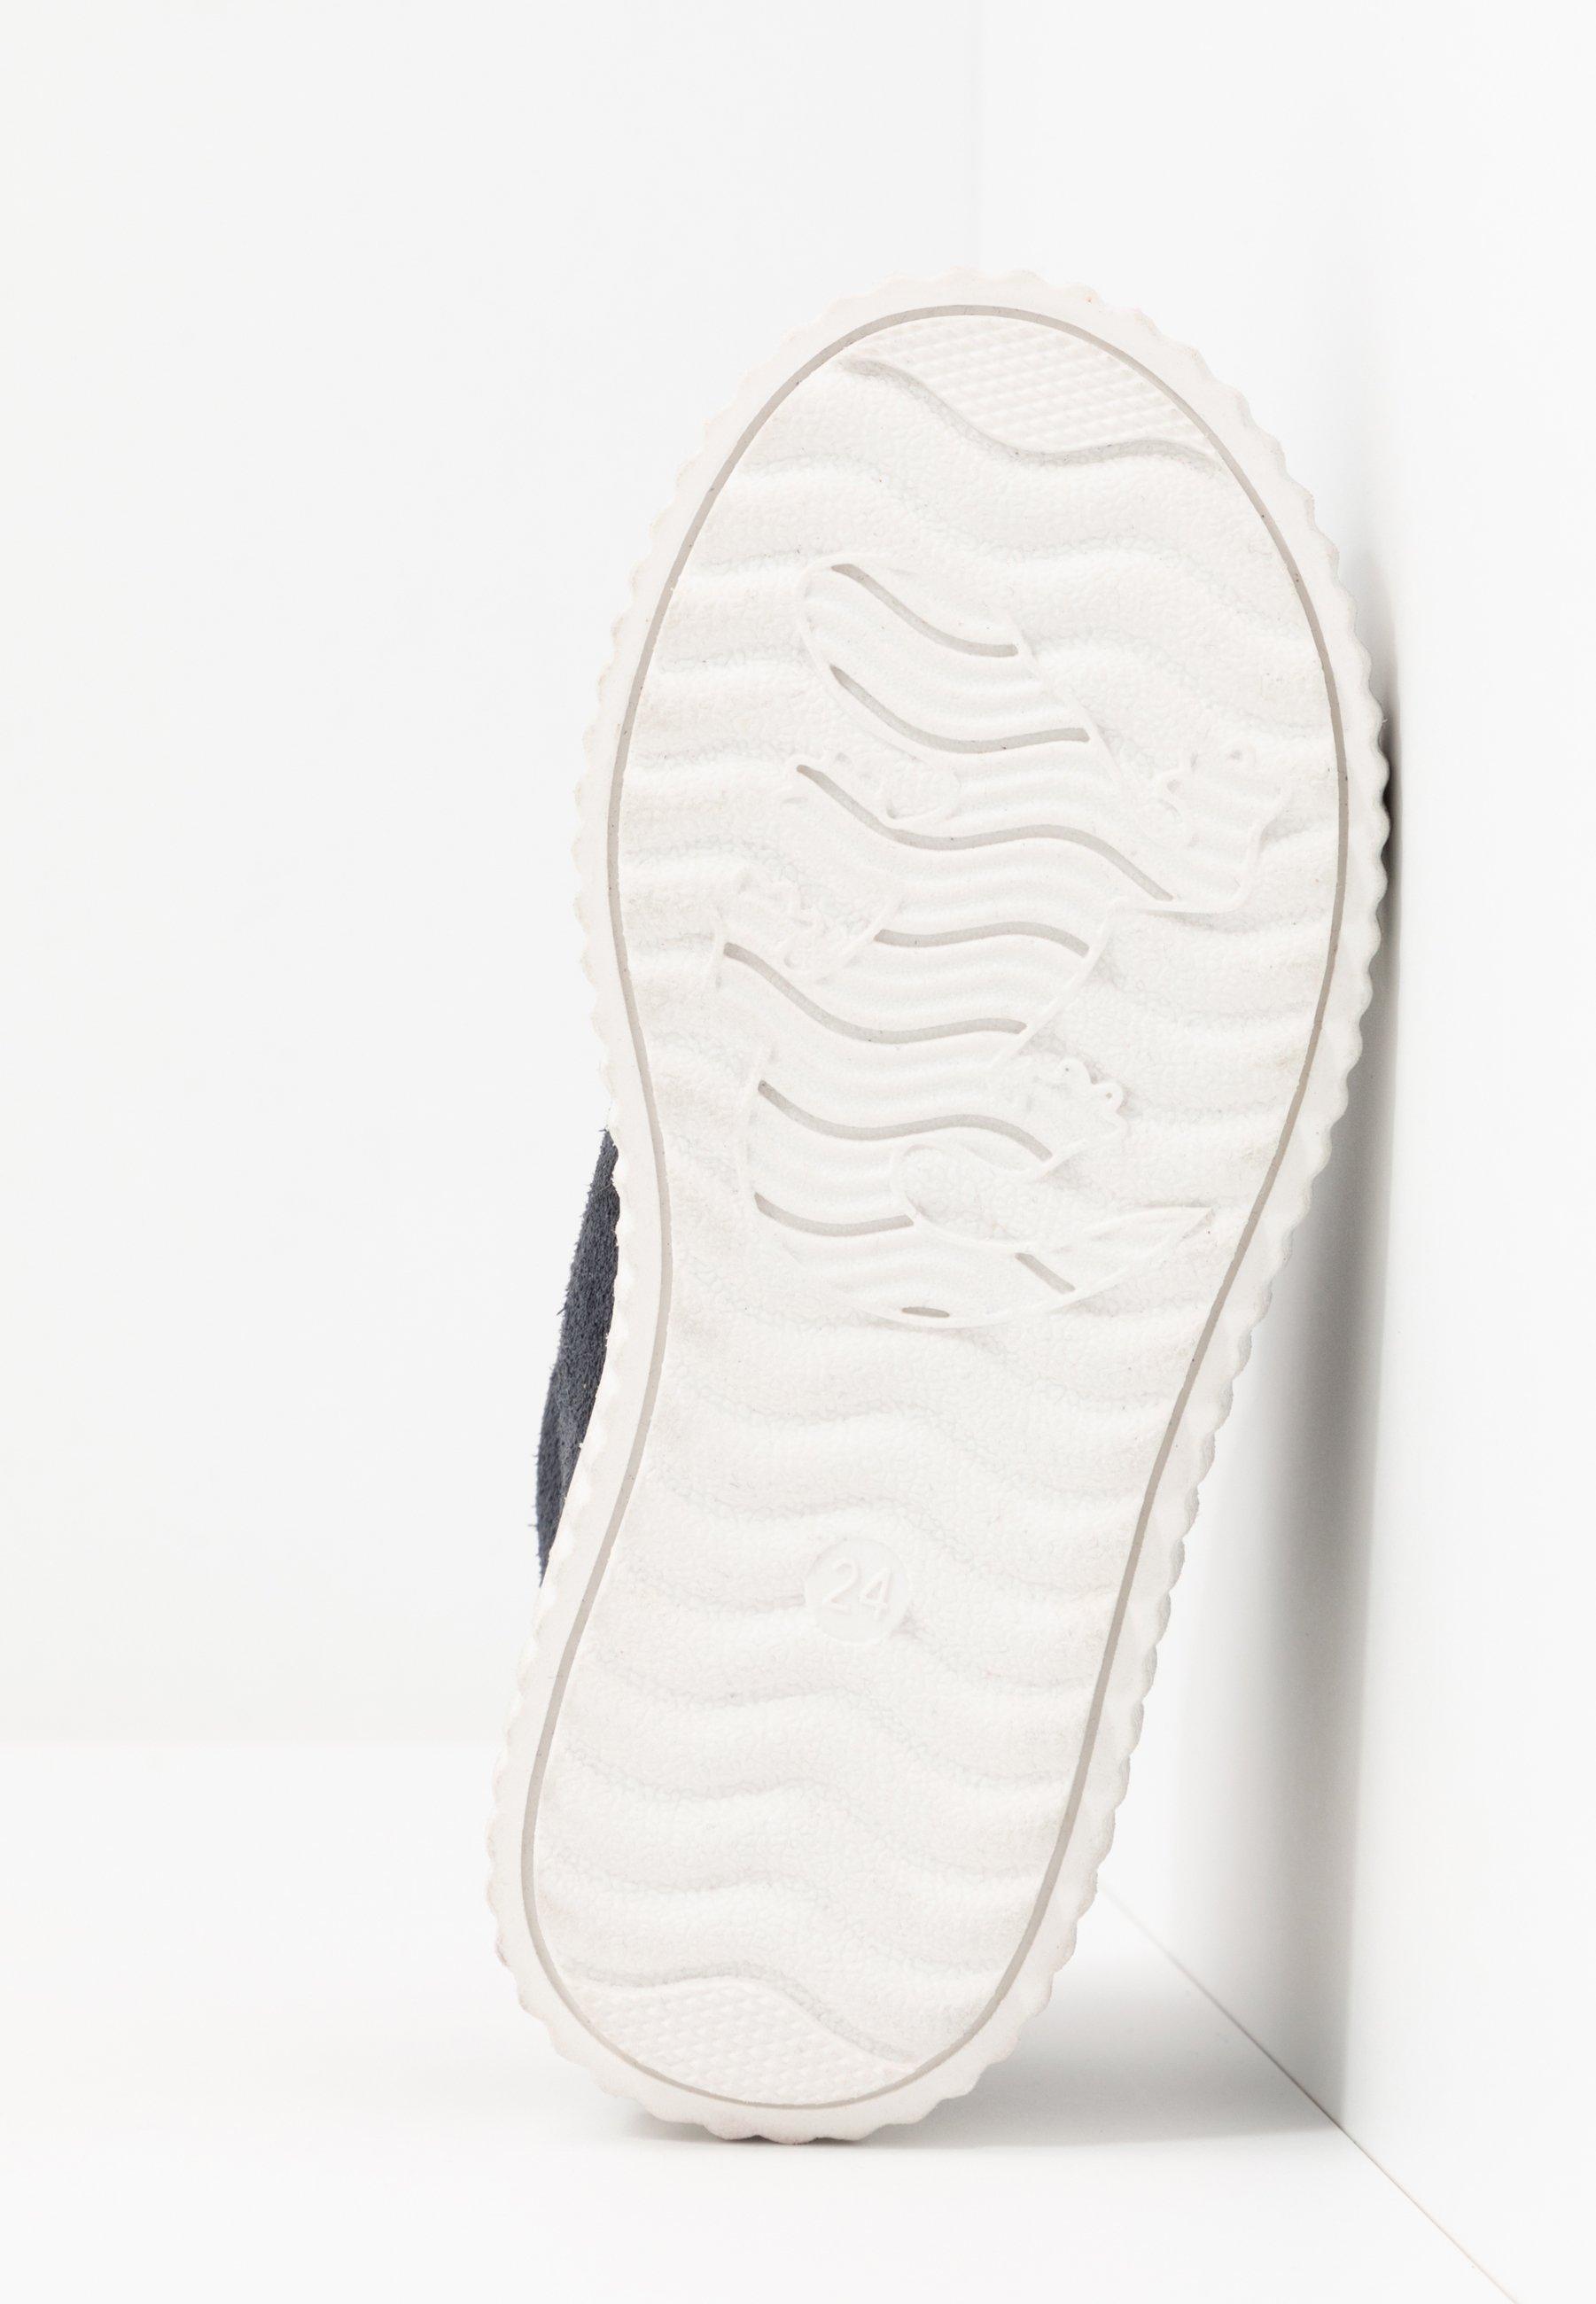 Najlepiej sprzedający się Najlepsza cena Lurchi YUNA-TEX - Sneakersy wysokie - atlantic | Dzieci Obuwie 2020 Gp1pC